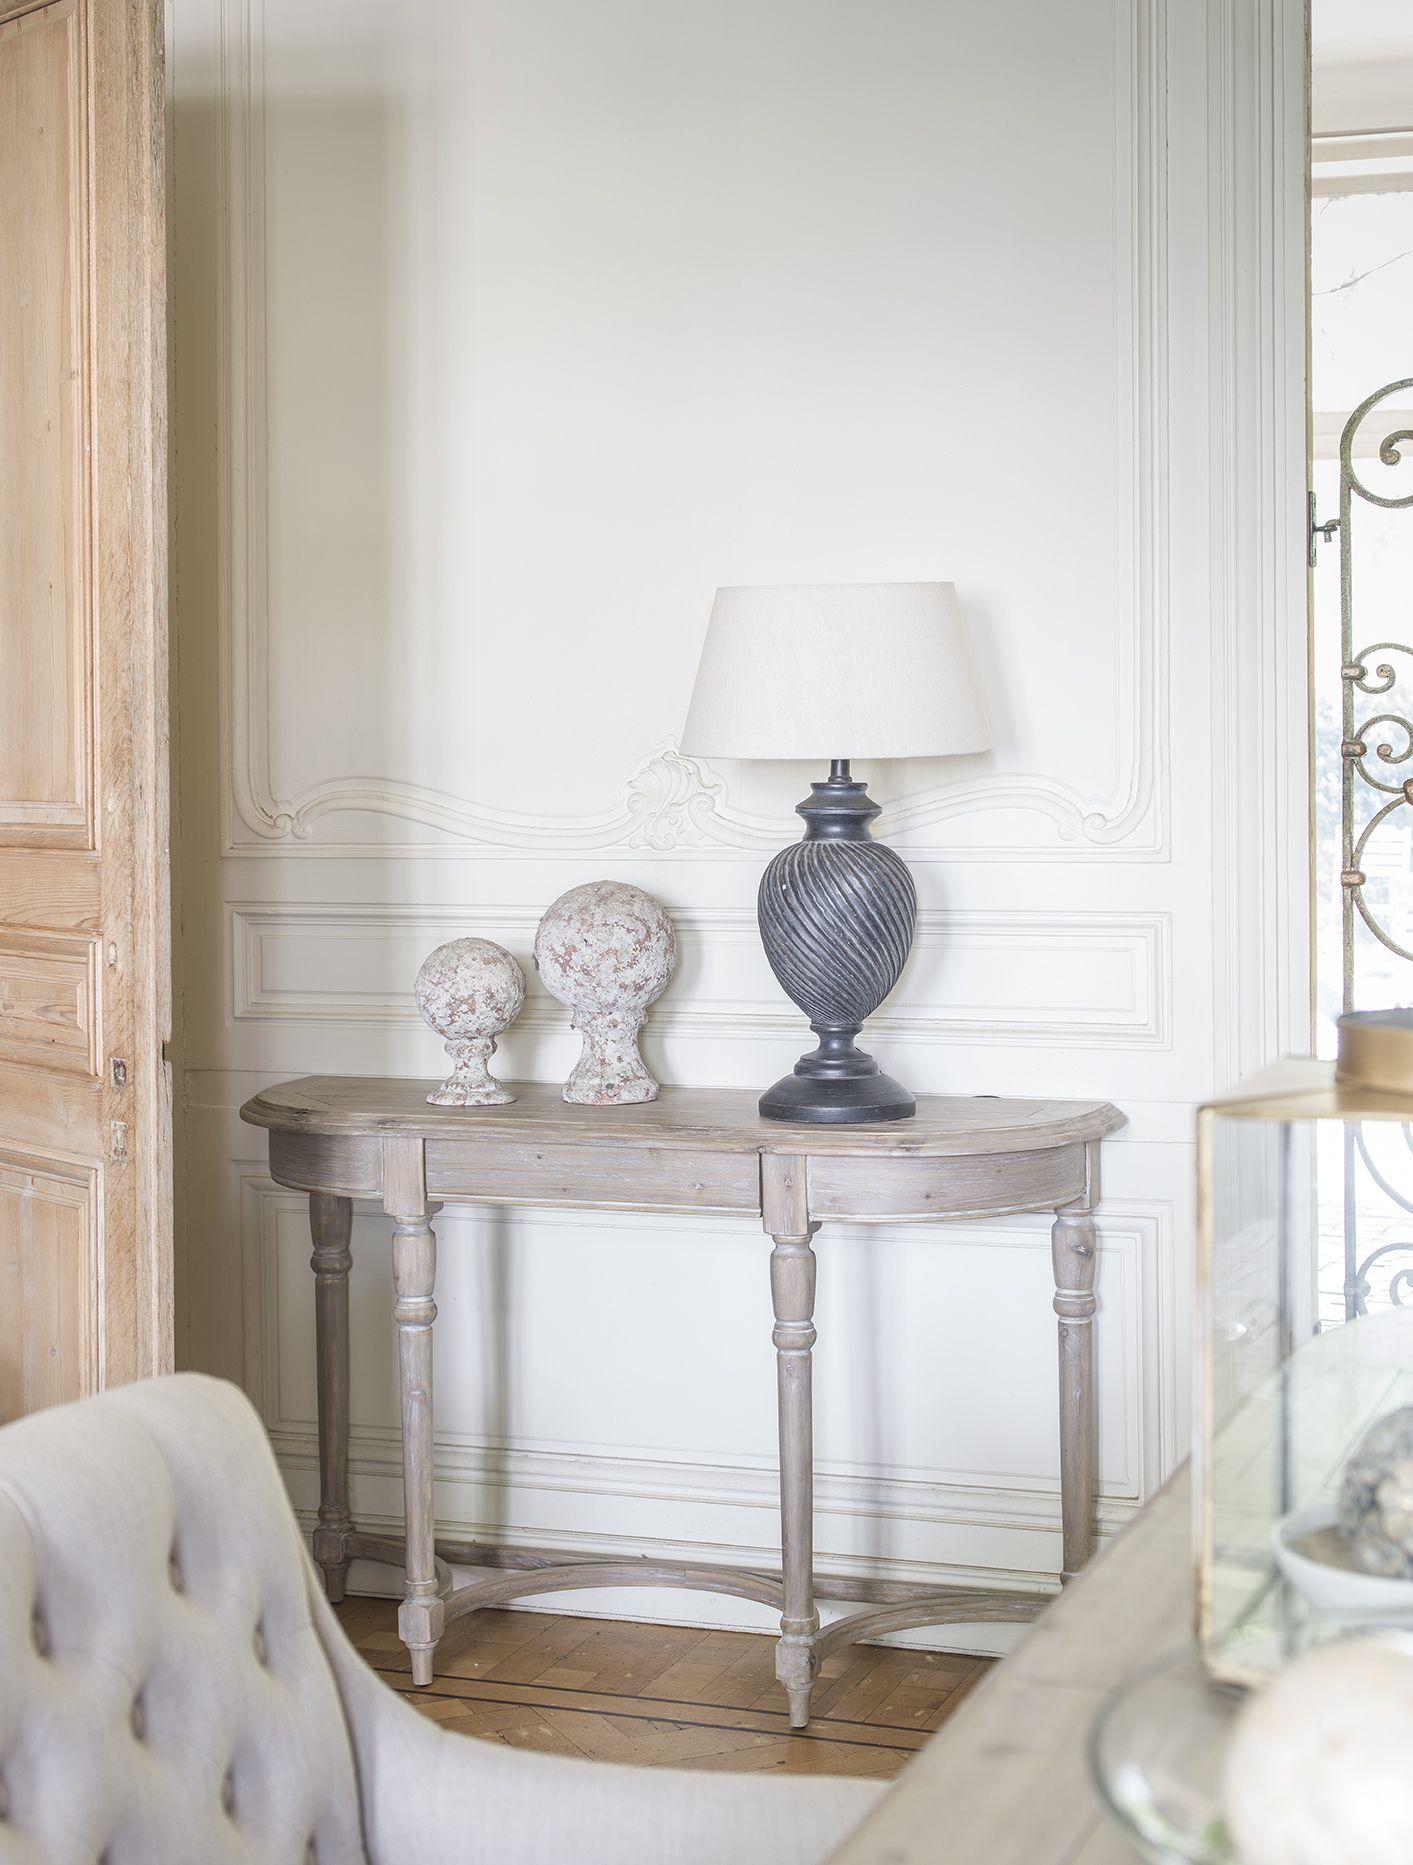 Influencee Par Le Style Regence Ile De France La Collection Chenonceau Revele Une Ligne D Mobilier De Salon Maison Bord De Mer Decoration Idees Pour La Maison